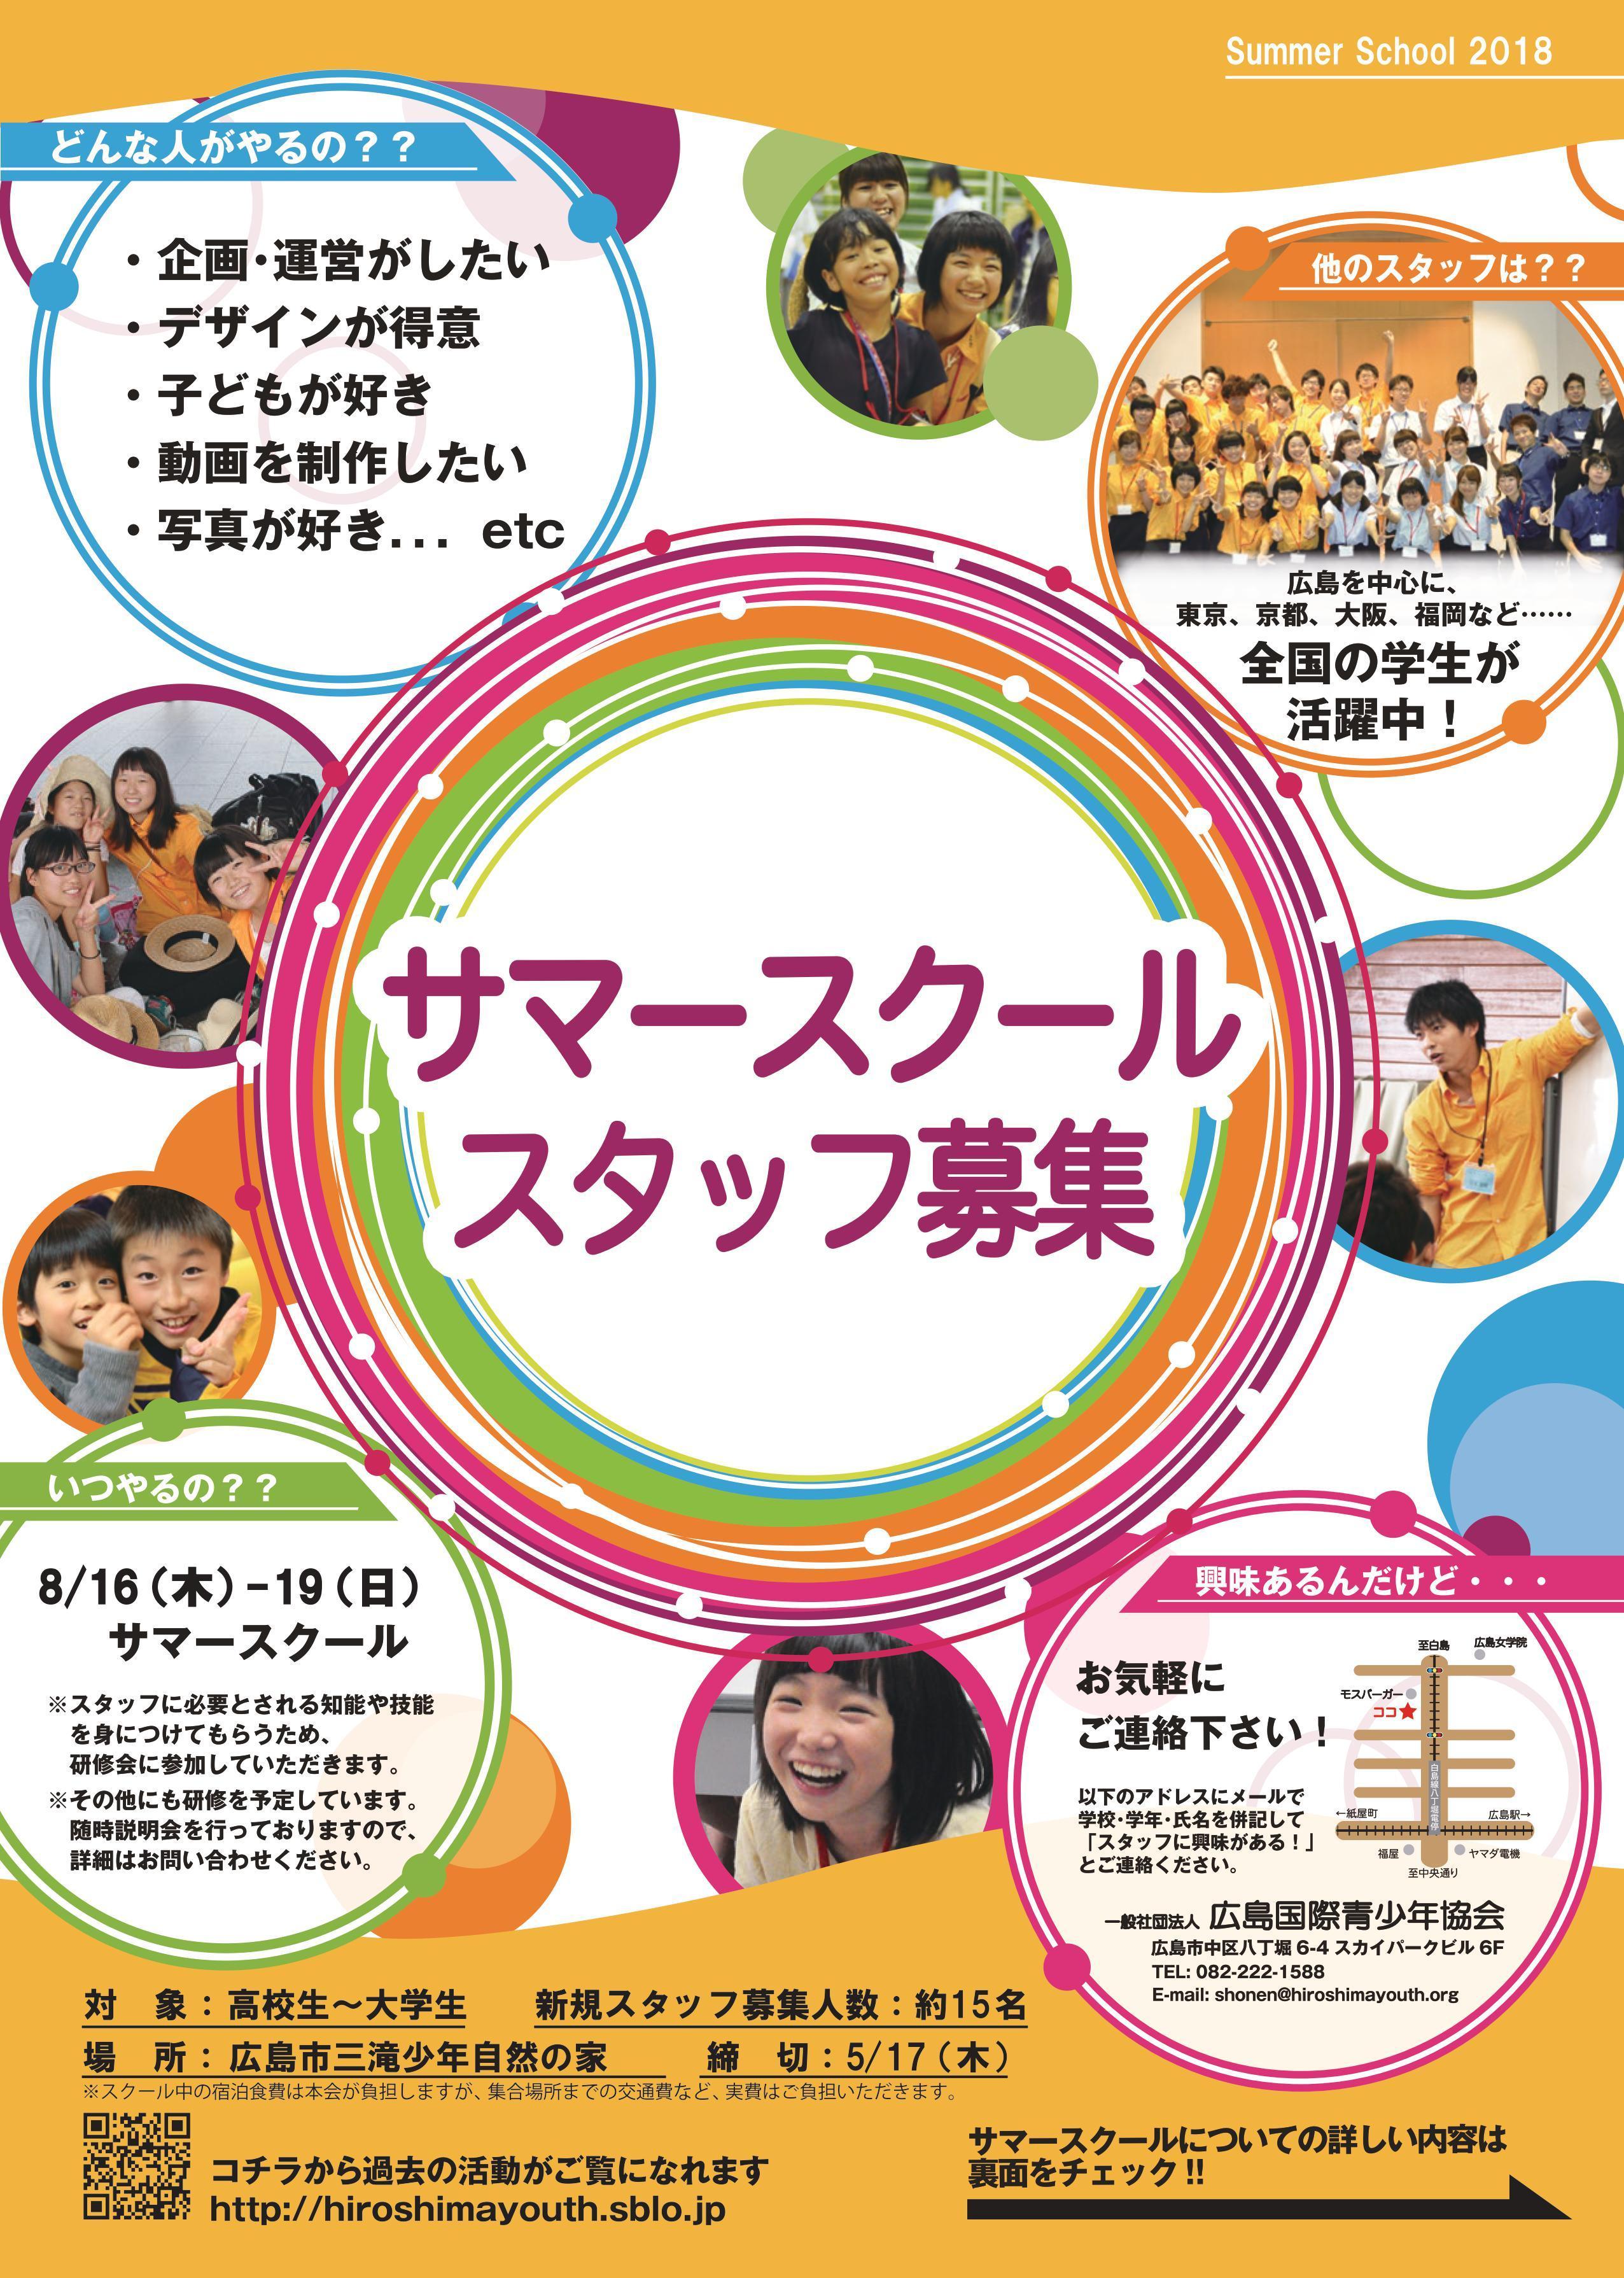 2018サマースクール_スタッフ募集パンフ表_協会用(OL)-1.jpg